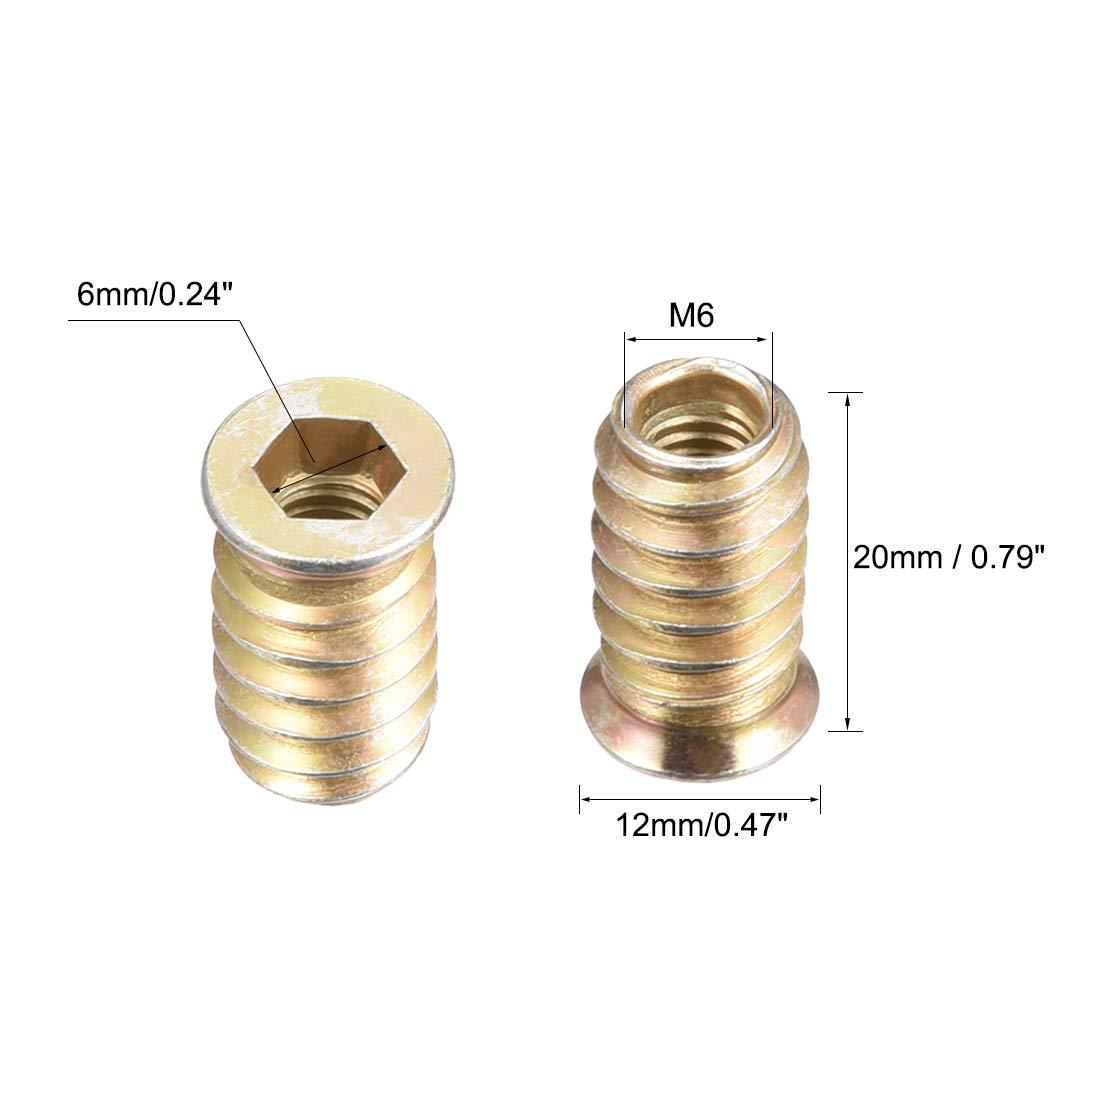 uxcell Wood Furniture M6x17mm Threaded Insert Nuts Interface Hex Socket Drive 100pcs